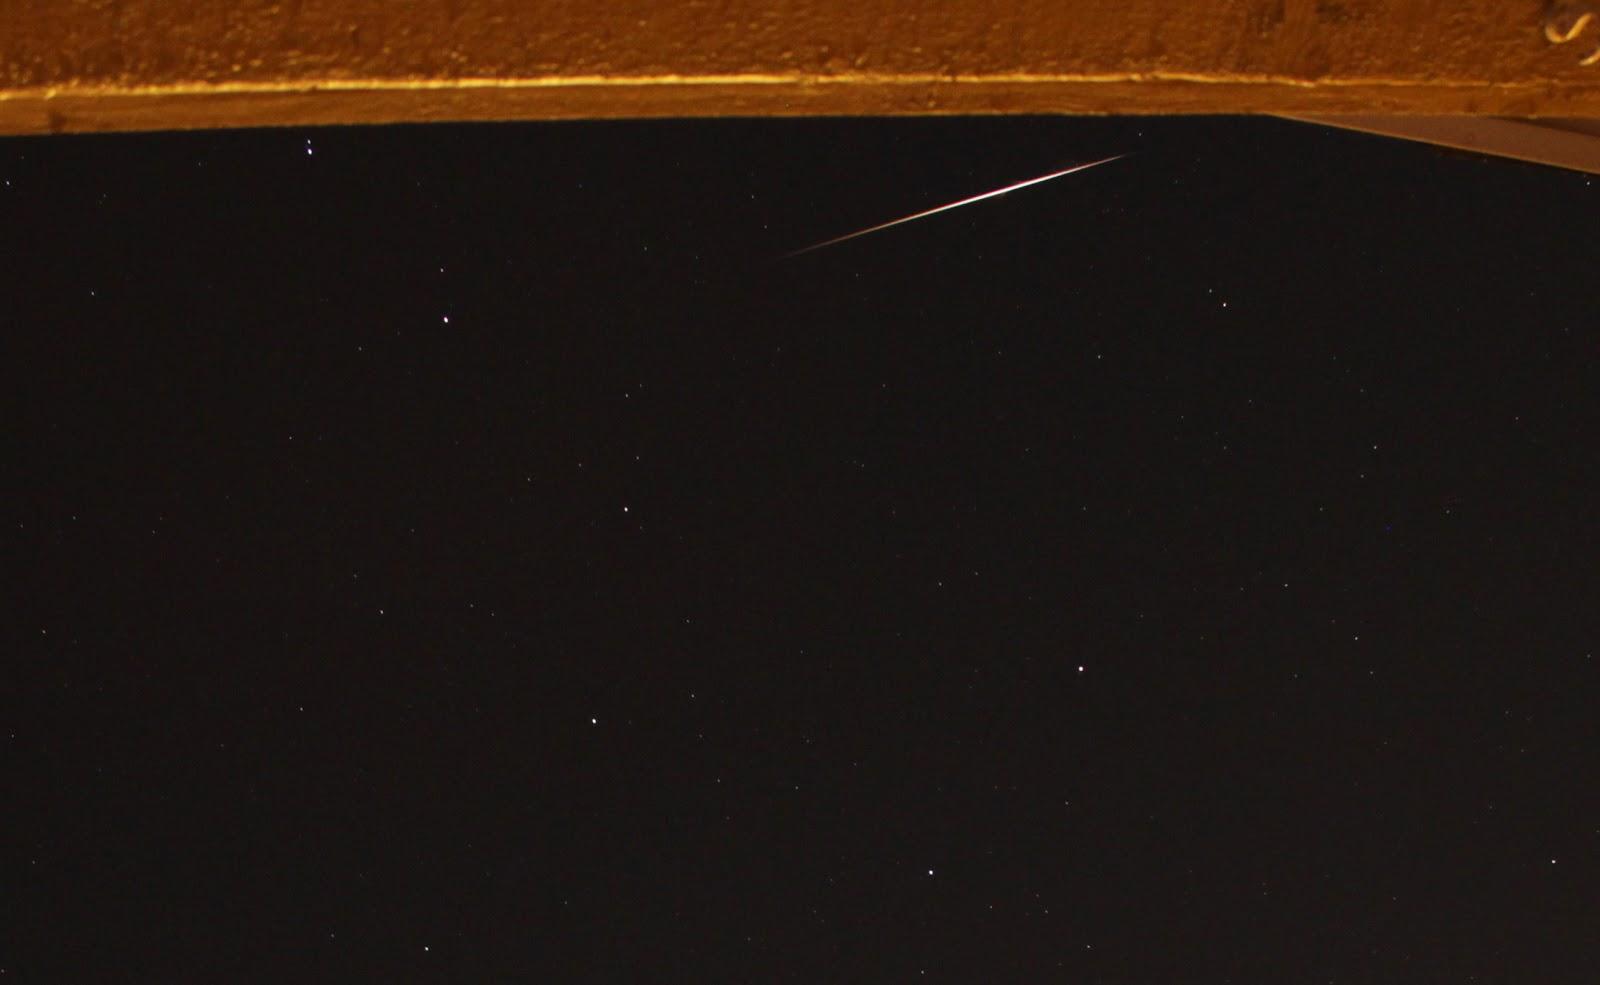 Camelopardalid Meteor Shower: Eric Teske